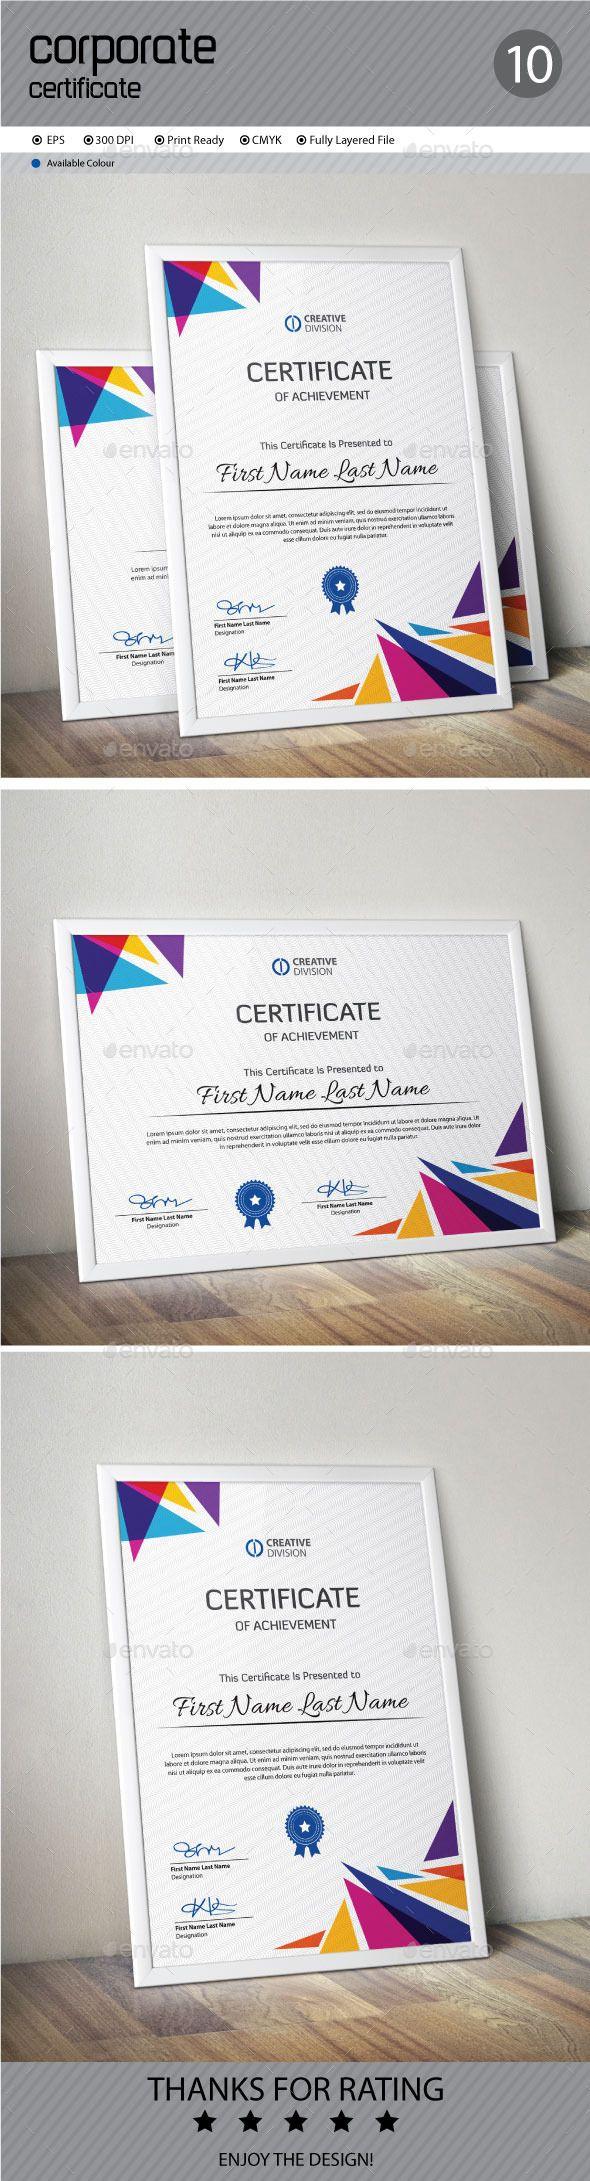 Certificate | Urkunden und Grafiken